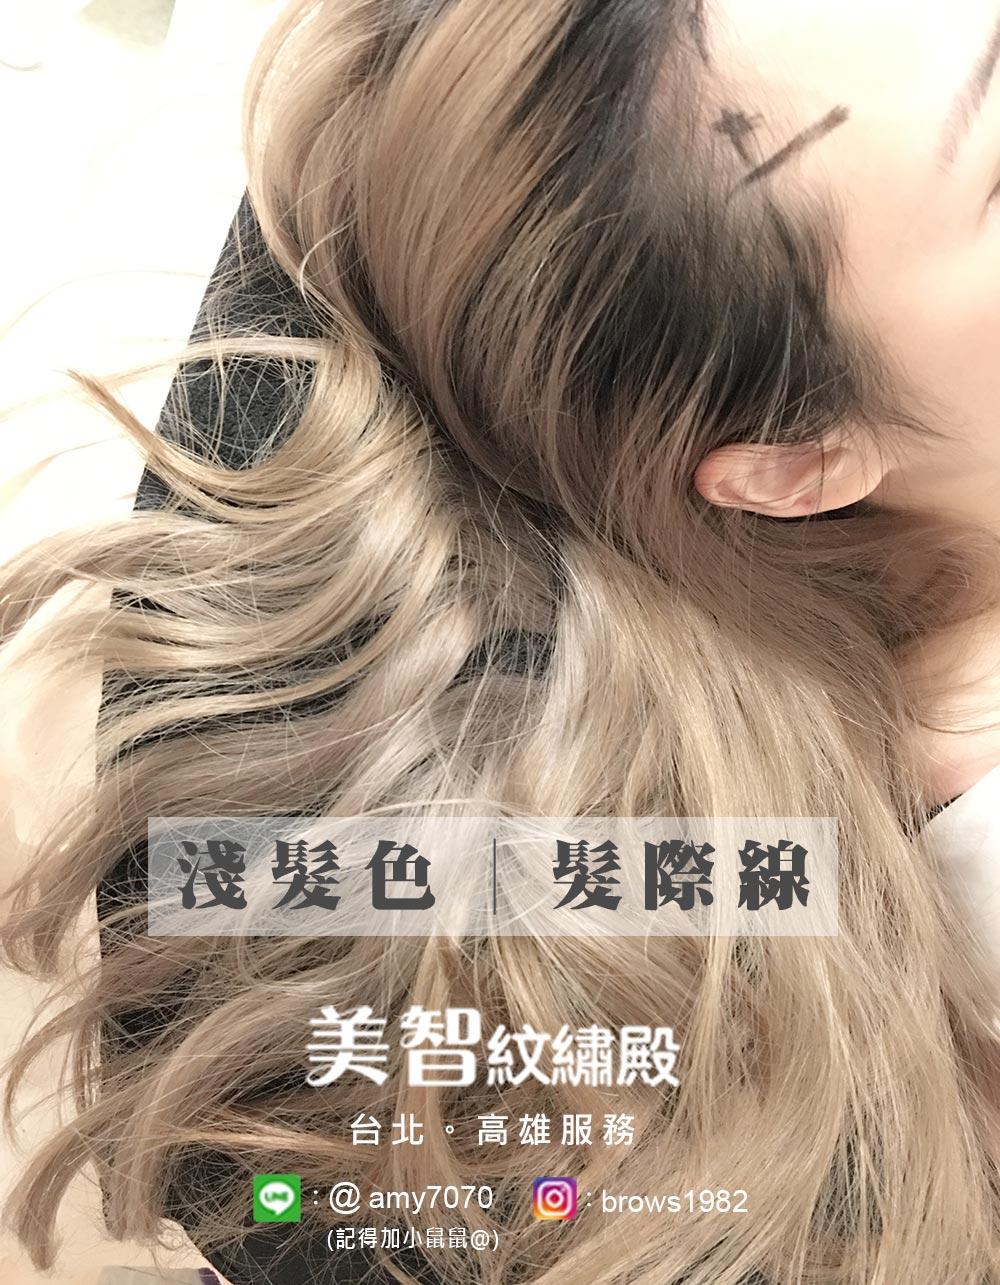 另一個淺髮色紋髮際線成功案例,依照每個人臉型、髮色、髮流、頭髮粗細度不同,設計適合你的髮際線。